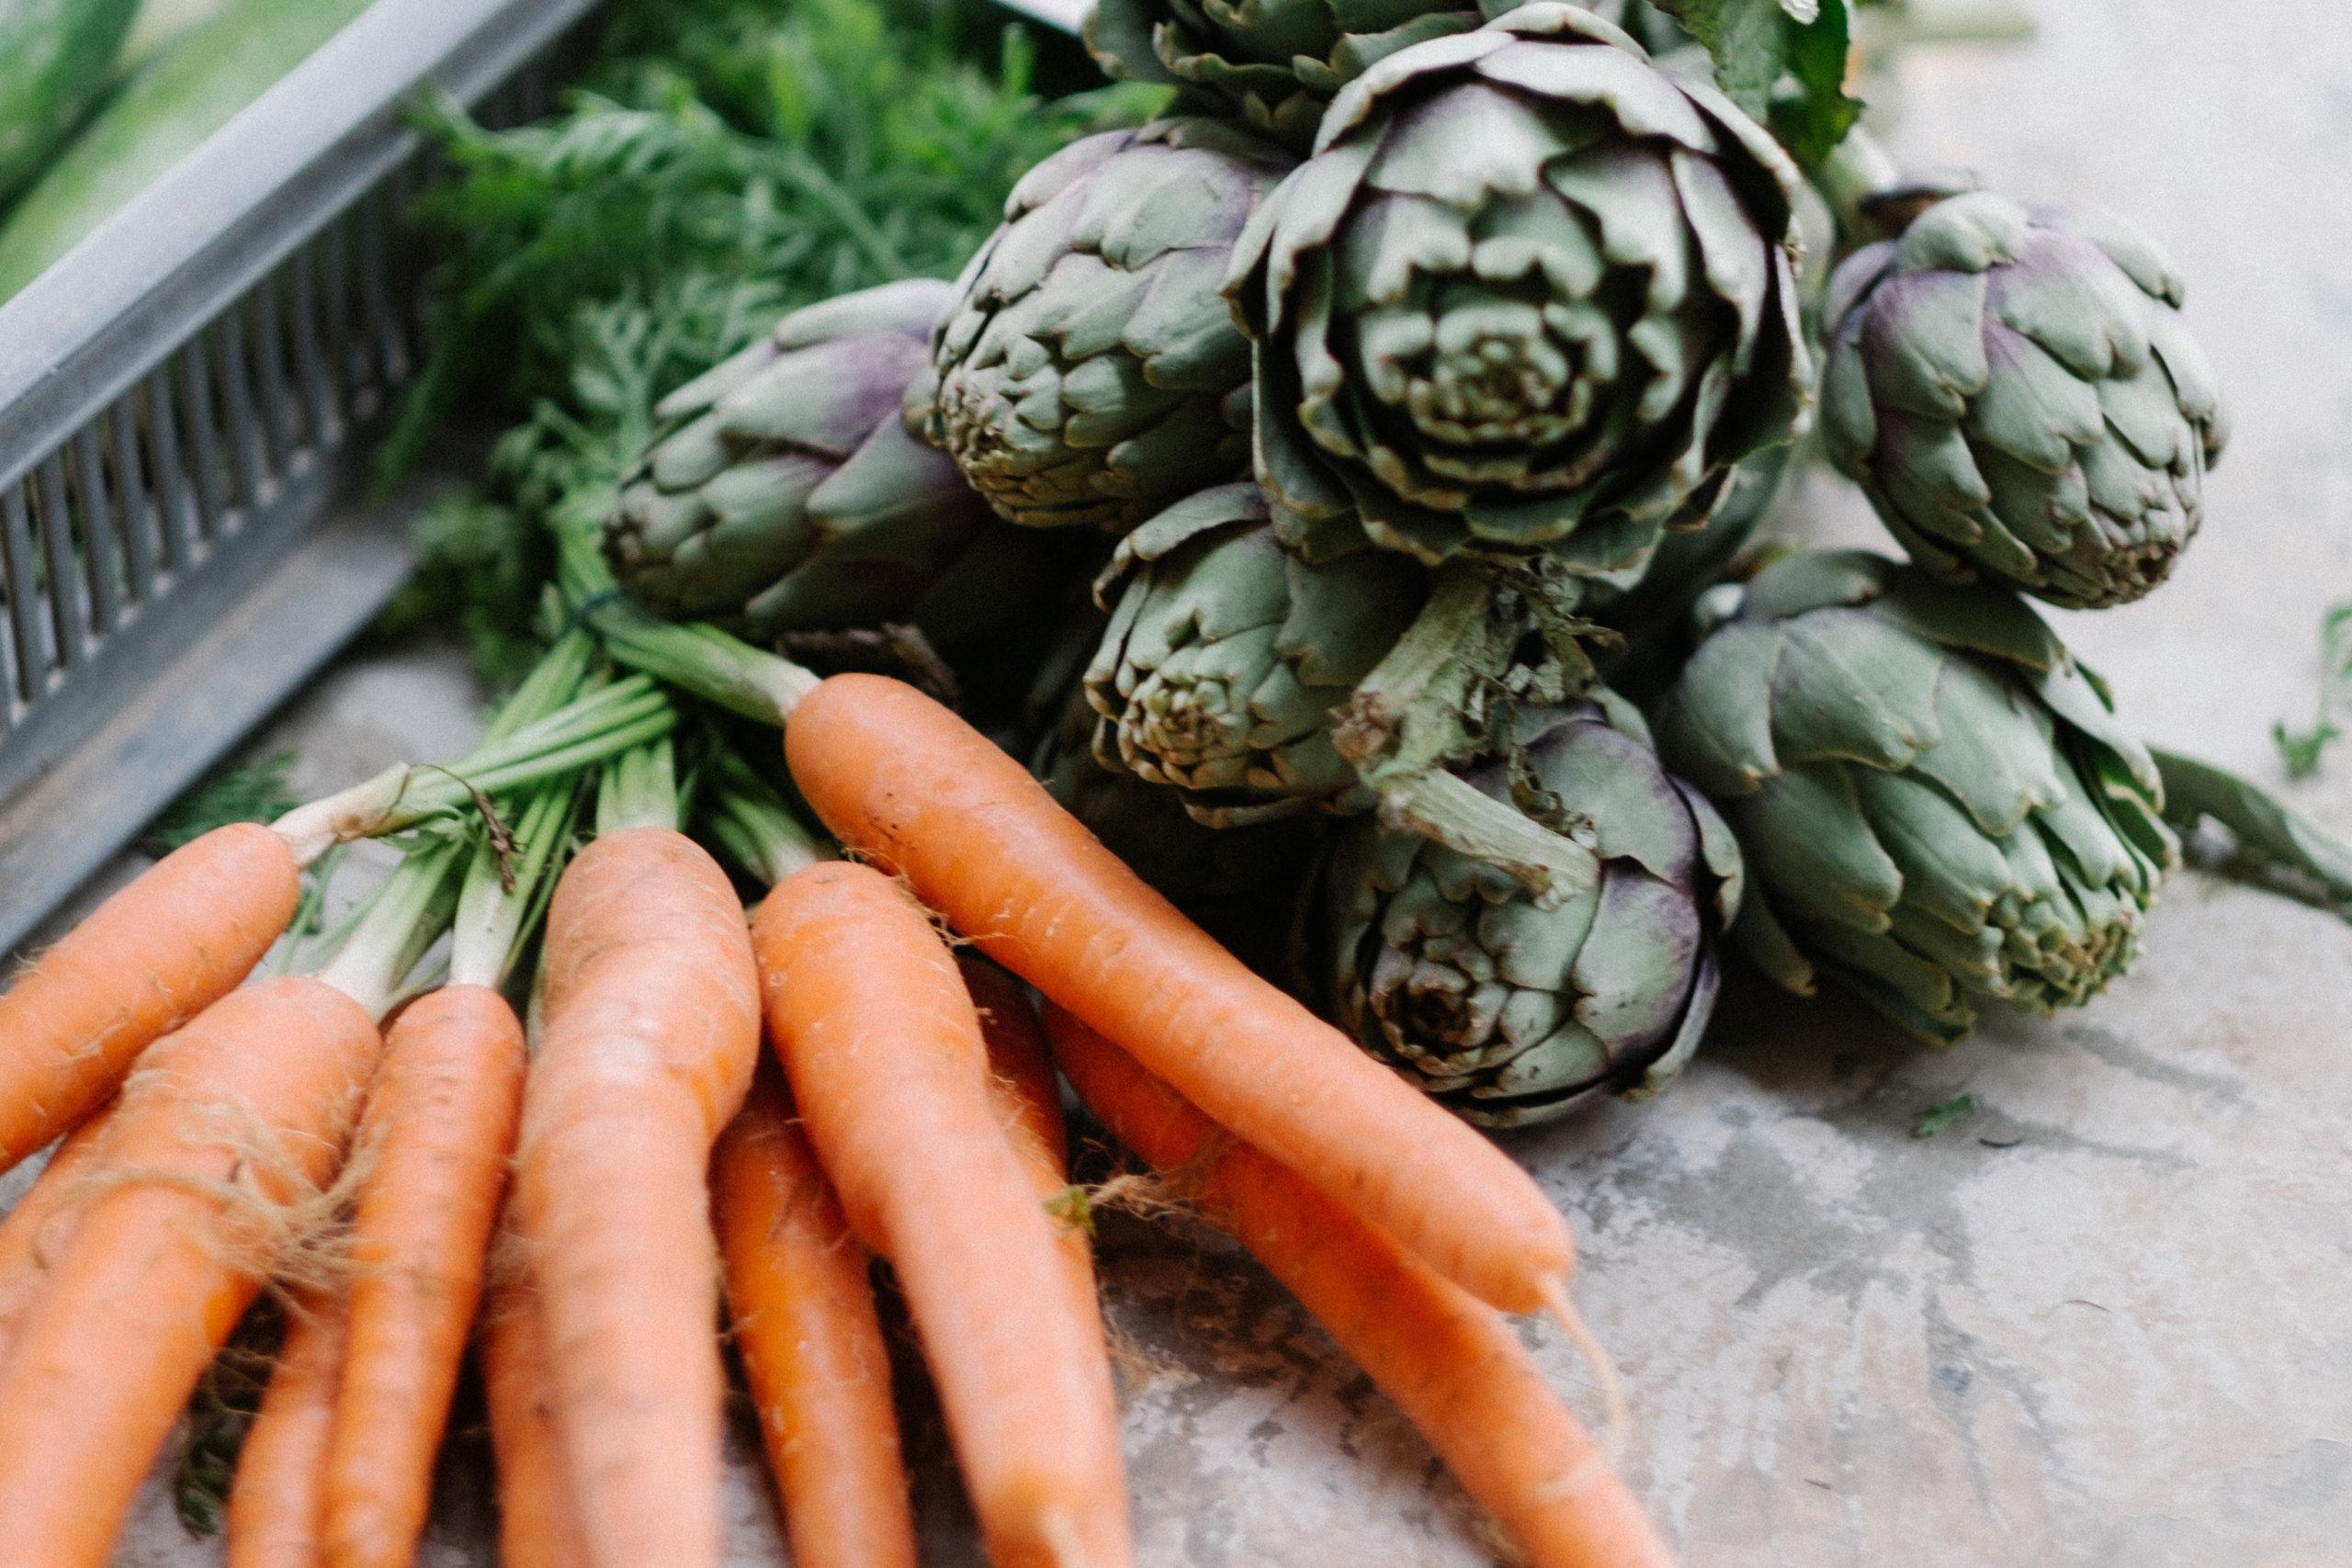 Lebensmitteleinkauf mit Plan für mehr Nachhaltigkeit im Alltag